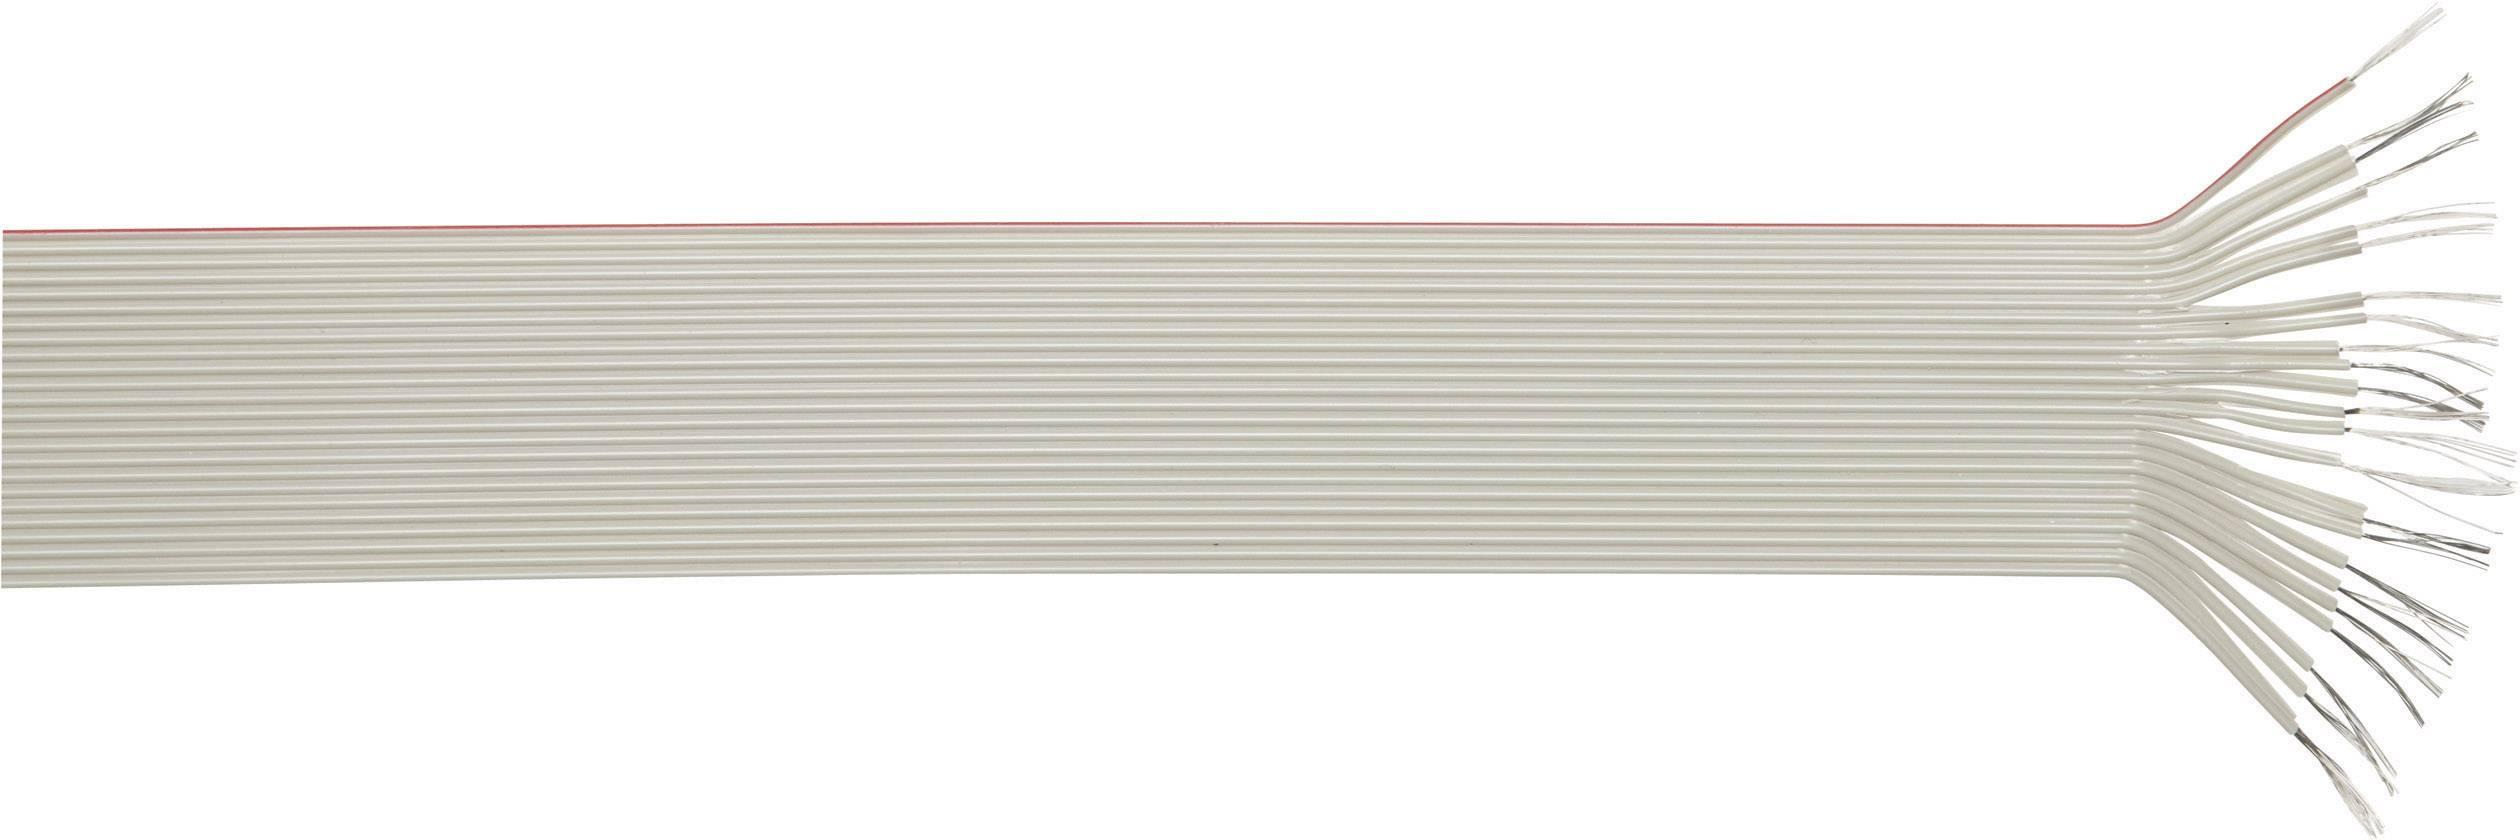 Plochý kabel LappKabel 49900050, nestíněný, 1 m, šedá